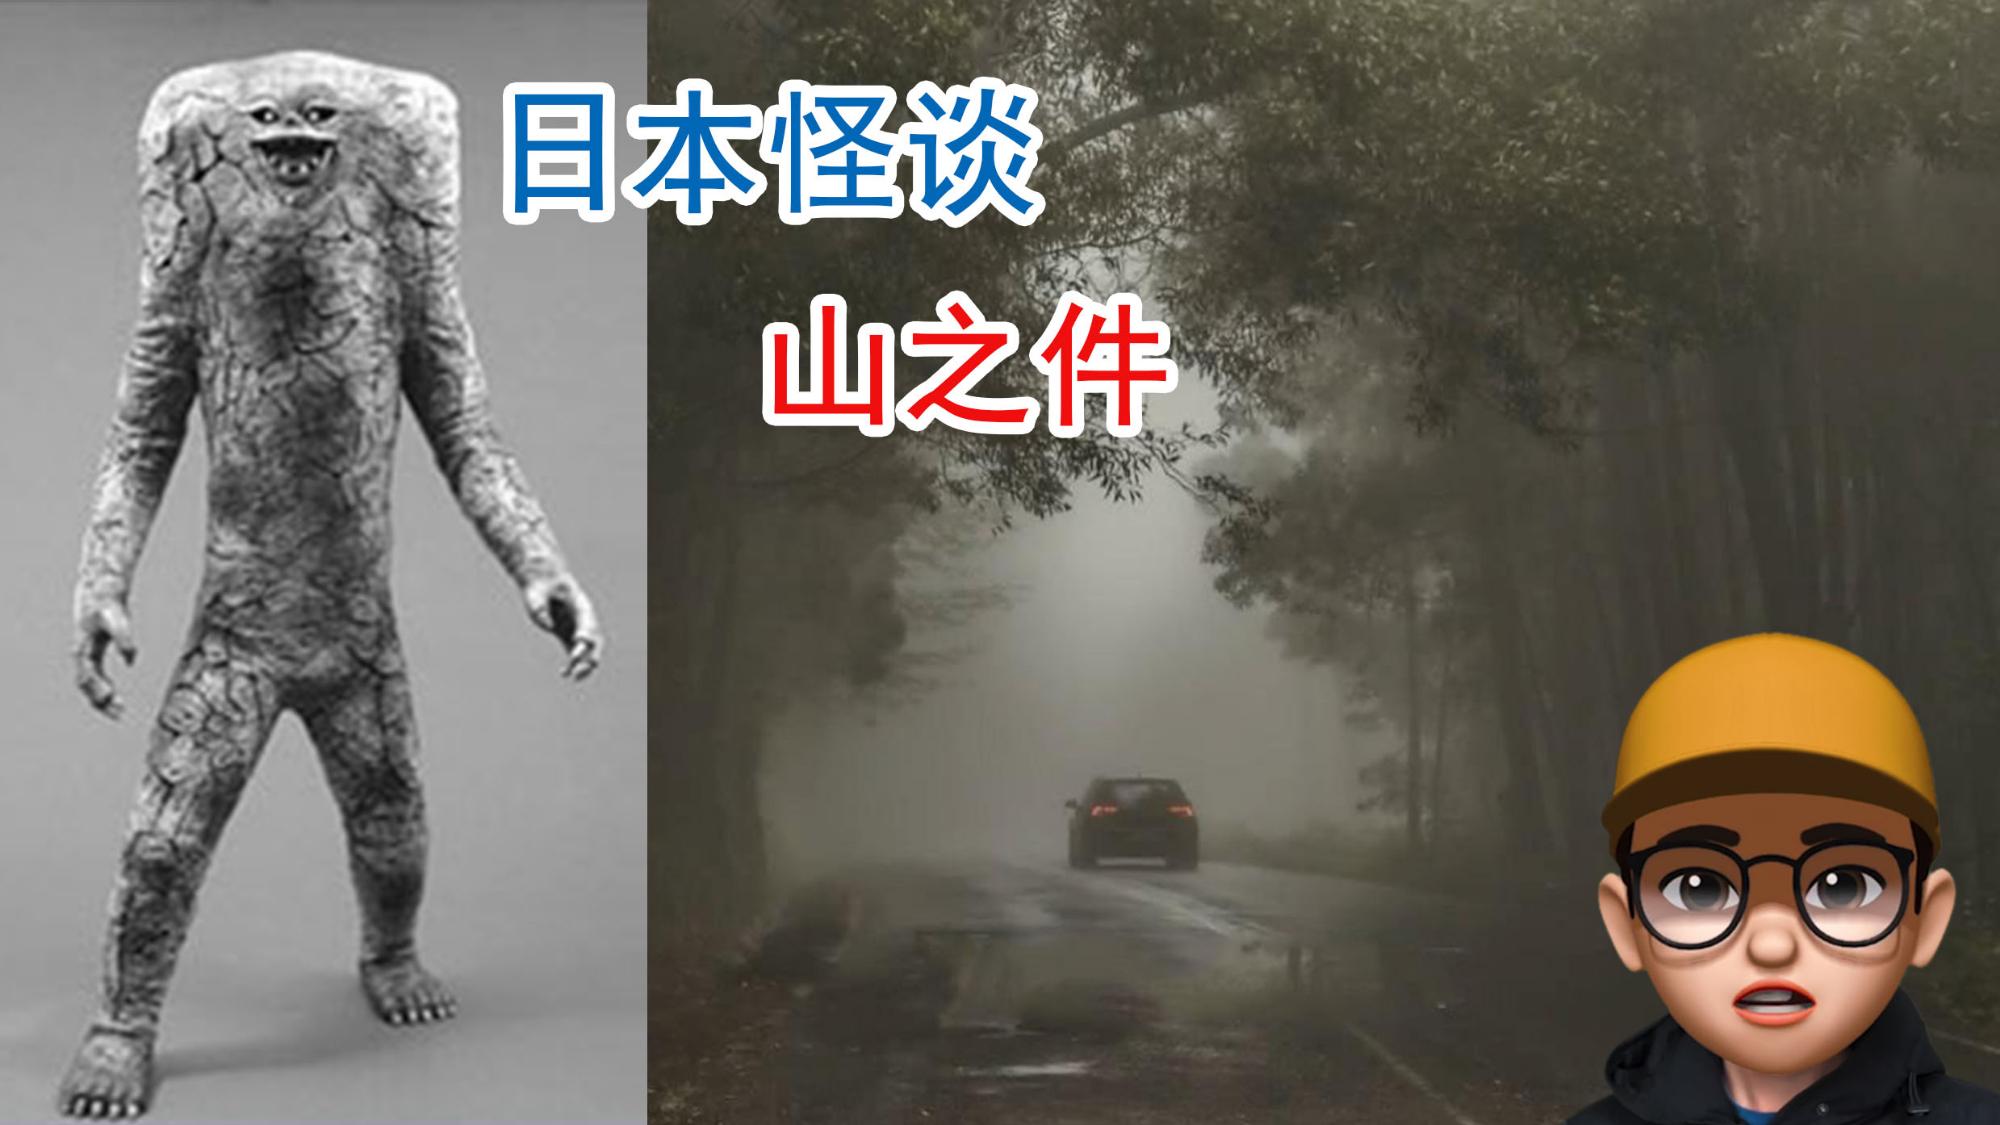 日本怪谈山之件,没有头的怪物,喜欢附身在别人身上